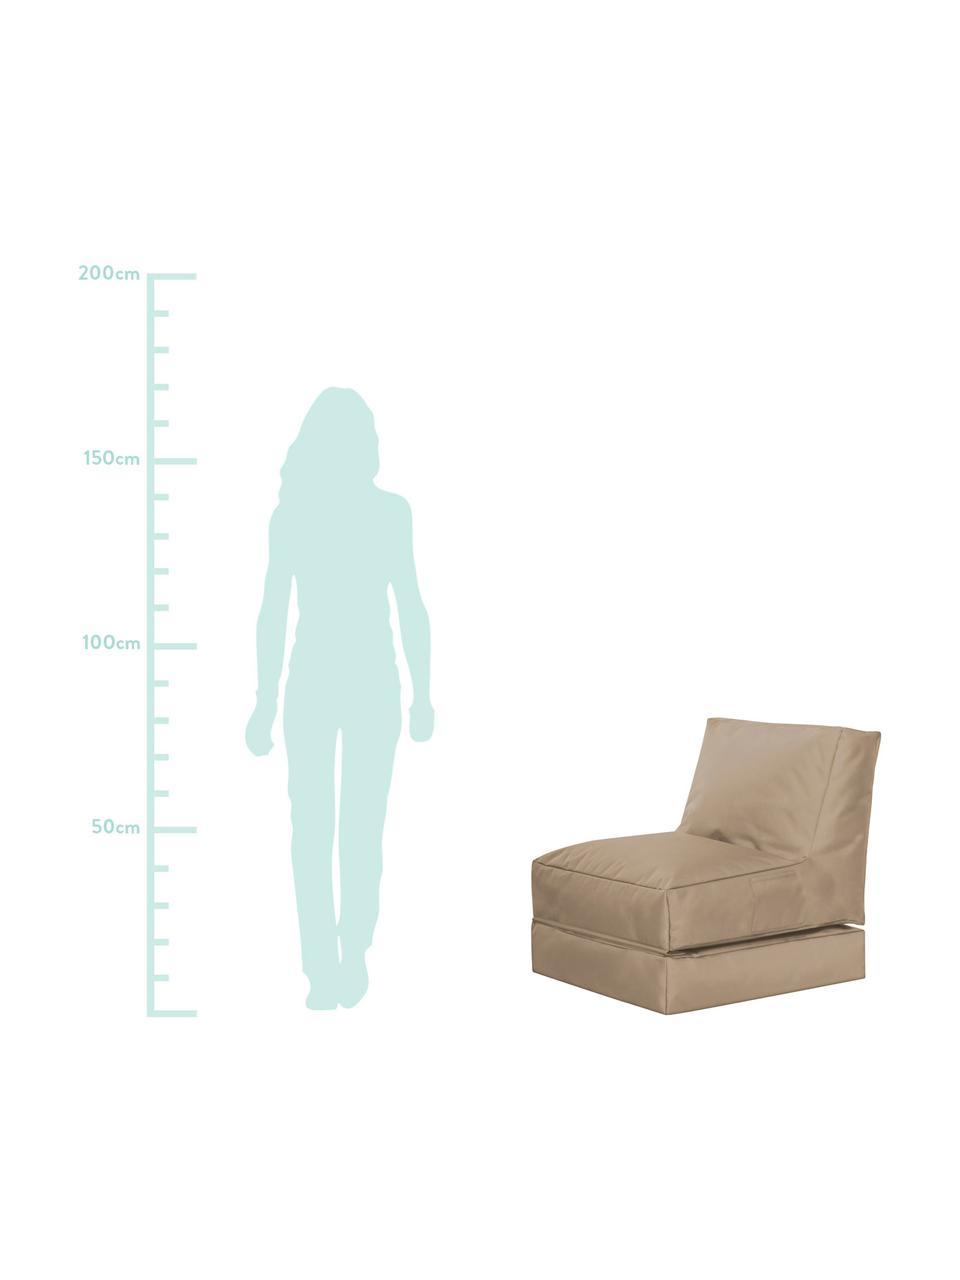 Fotel ogrodowy z funkcją leżenia Pop Up, Tapicerka: 100% poliester Wewnątrz p, Khaki, S 70 x G 90 cm